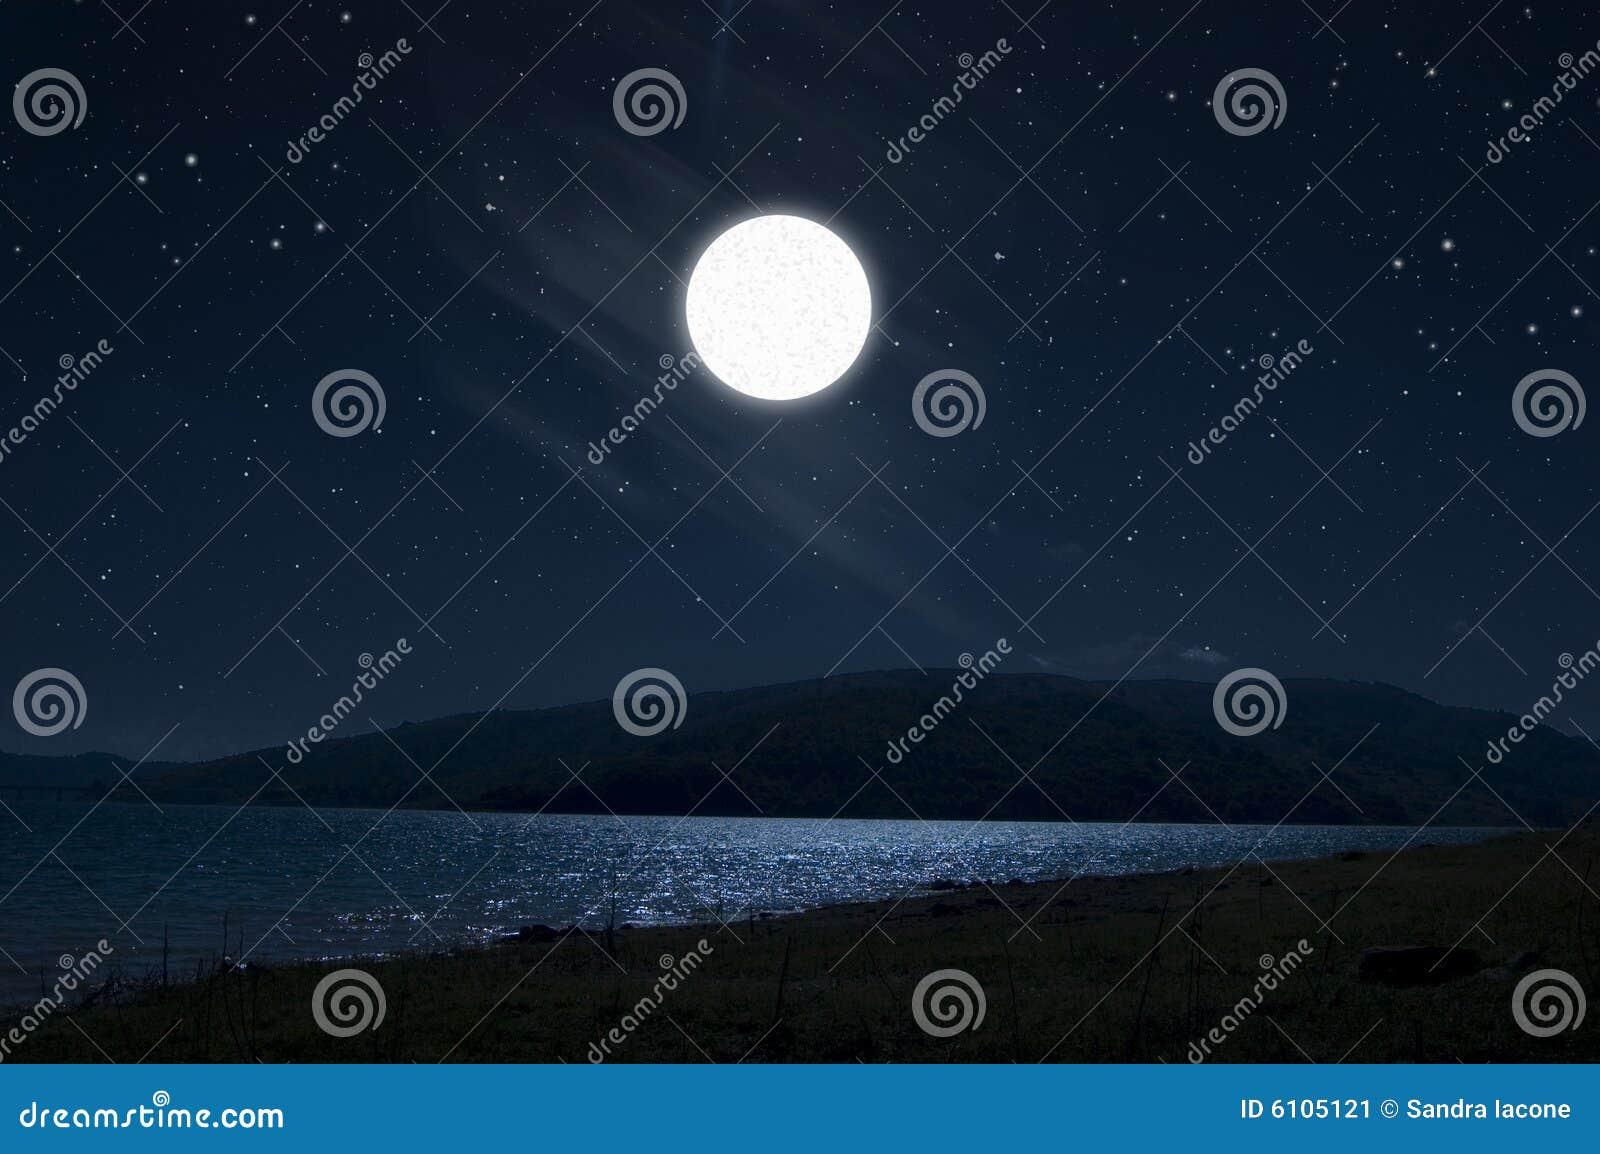 Dark night full moon